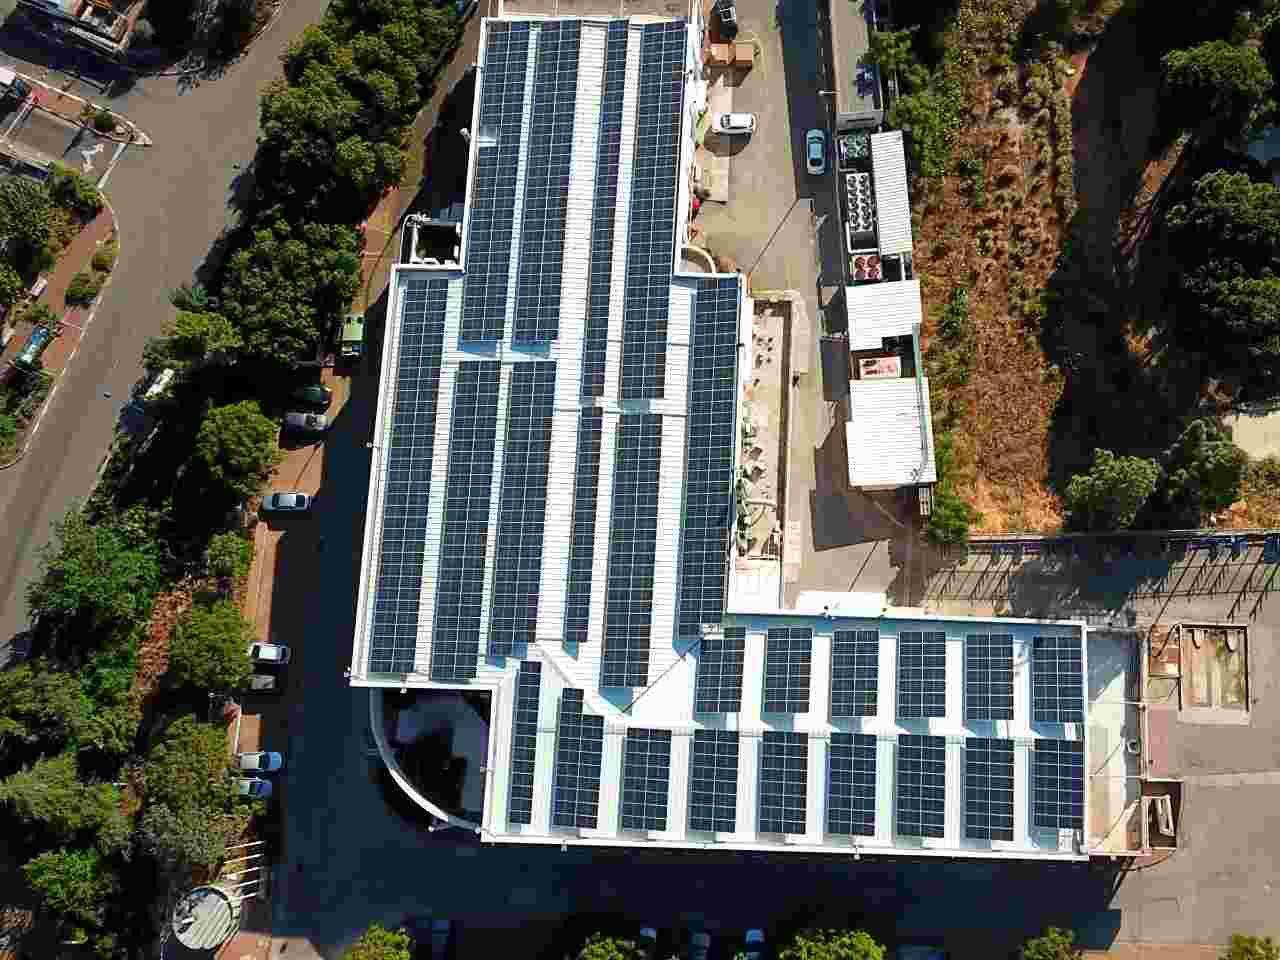 התקנת מערכת סולארית משולבת אסדרות - כרמיאל